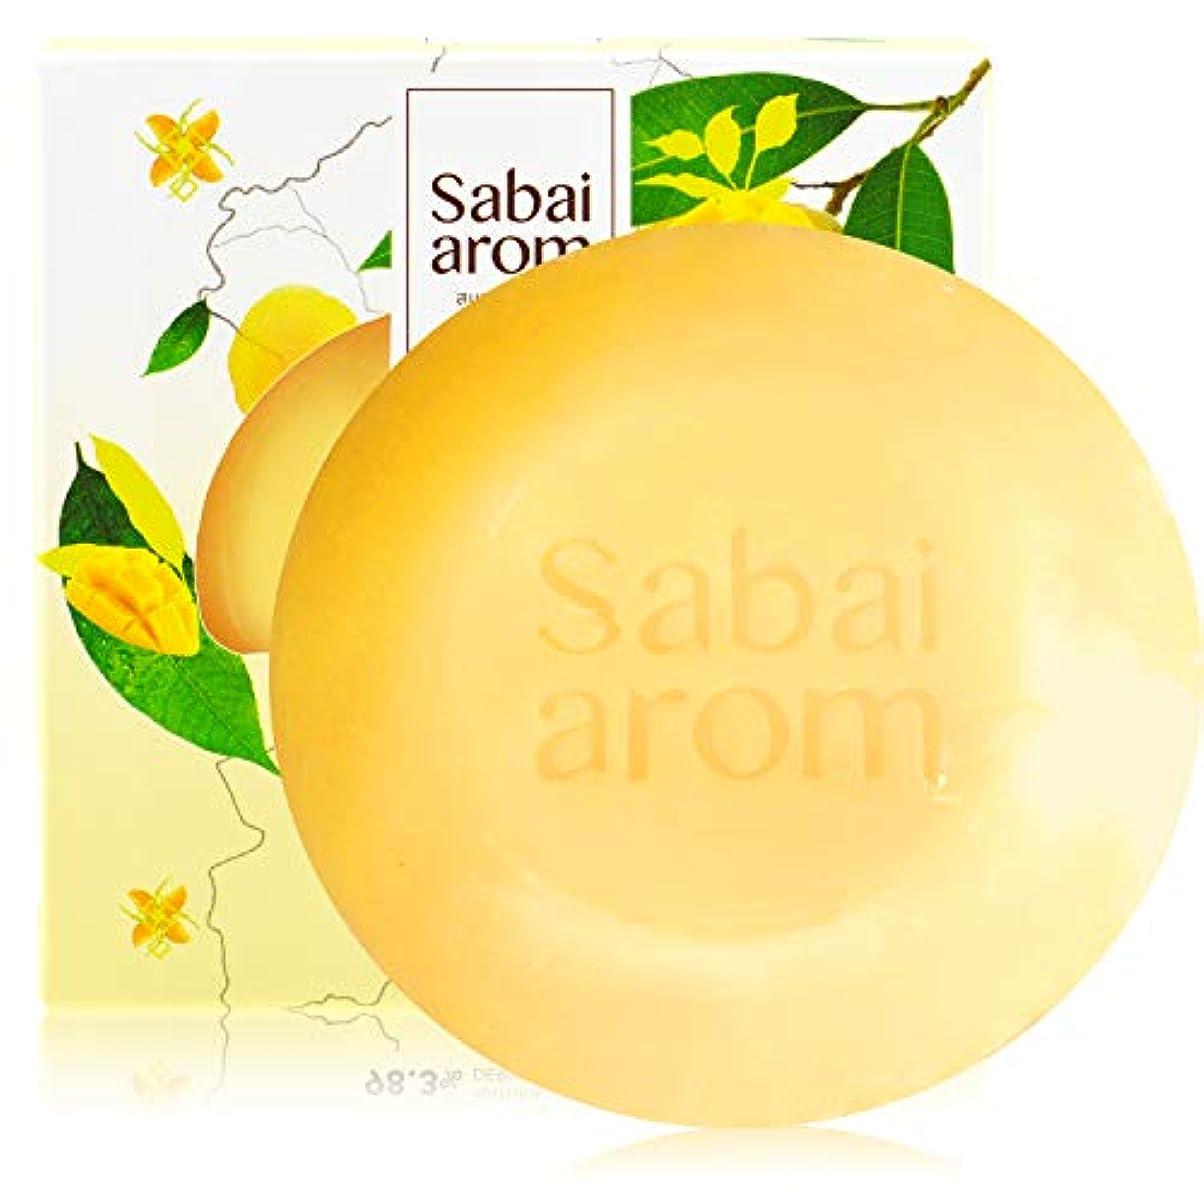 旋回テーマスキャンダルサバイアロム(Sabai-arom) マンゴー オーチャード フェイス&ボディソープバー (石鹸) 100g【MAN】【001】